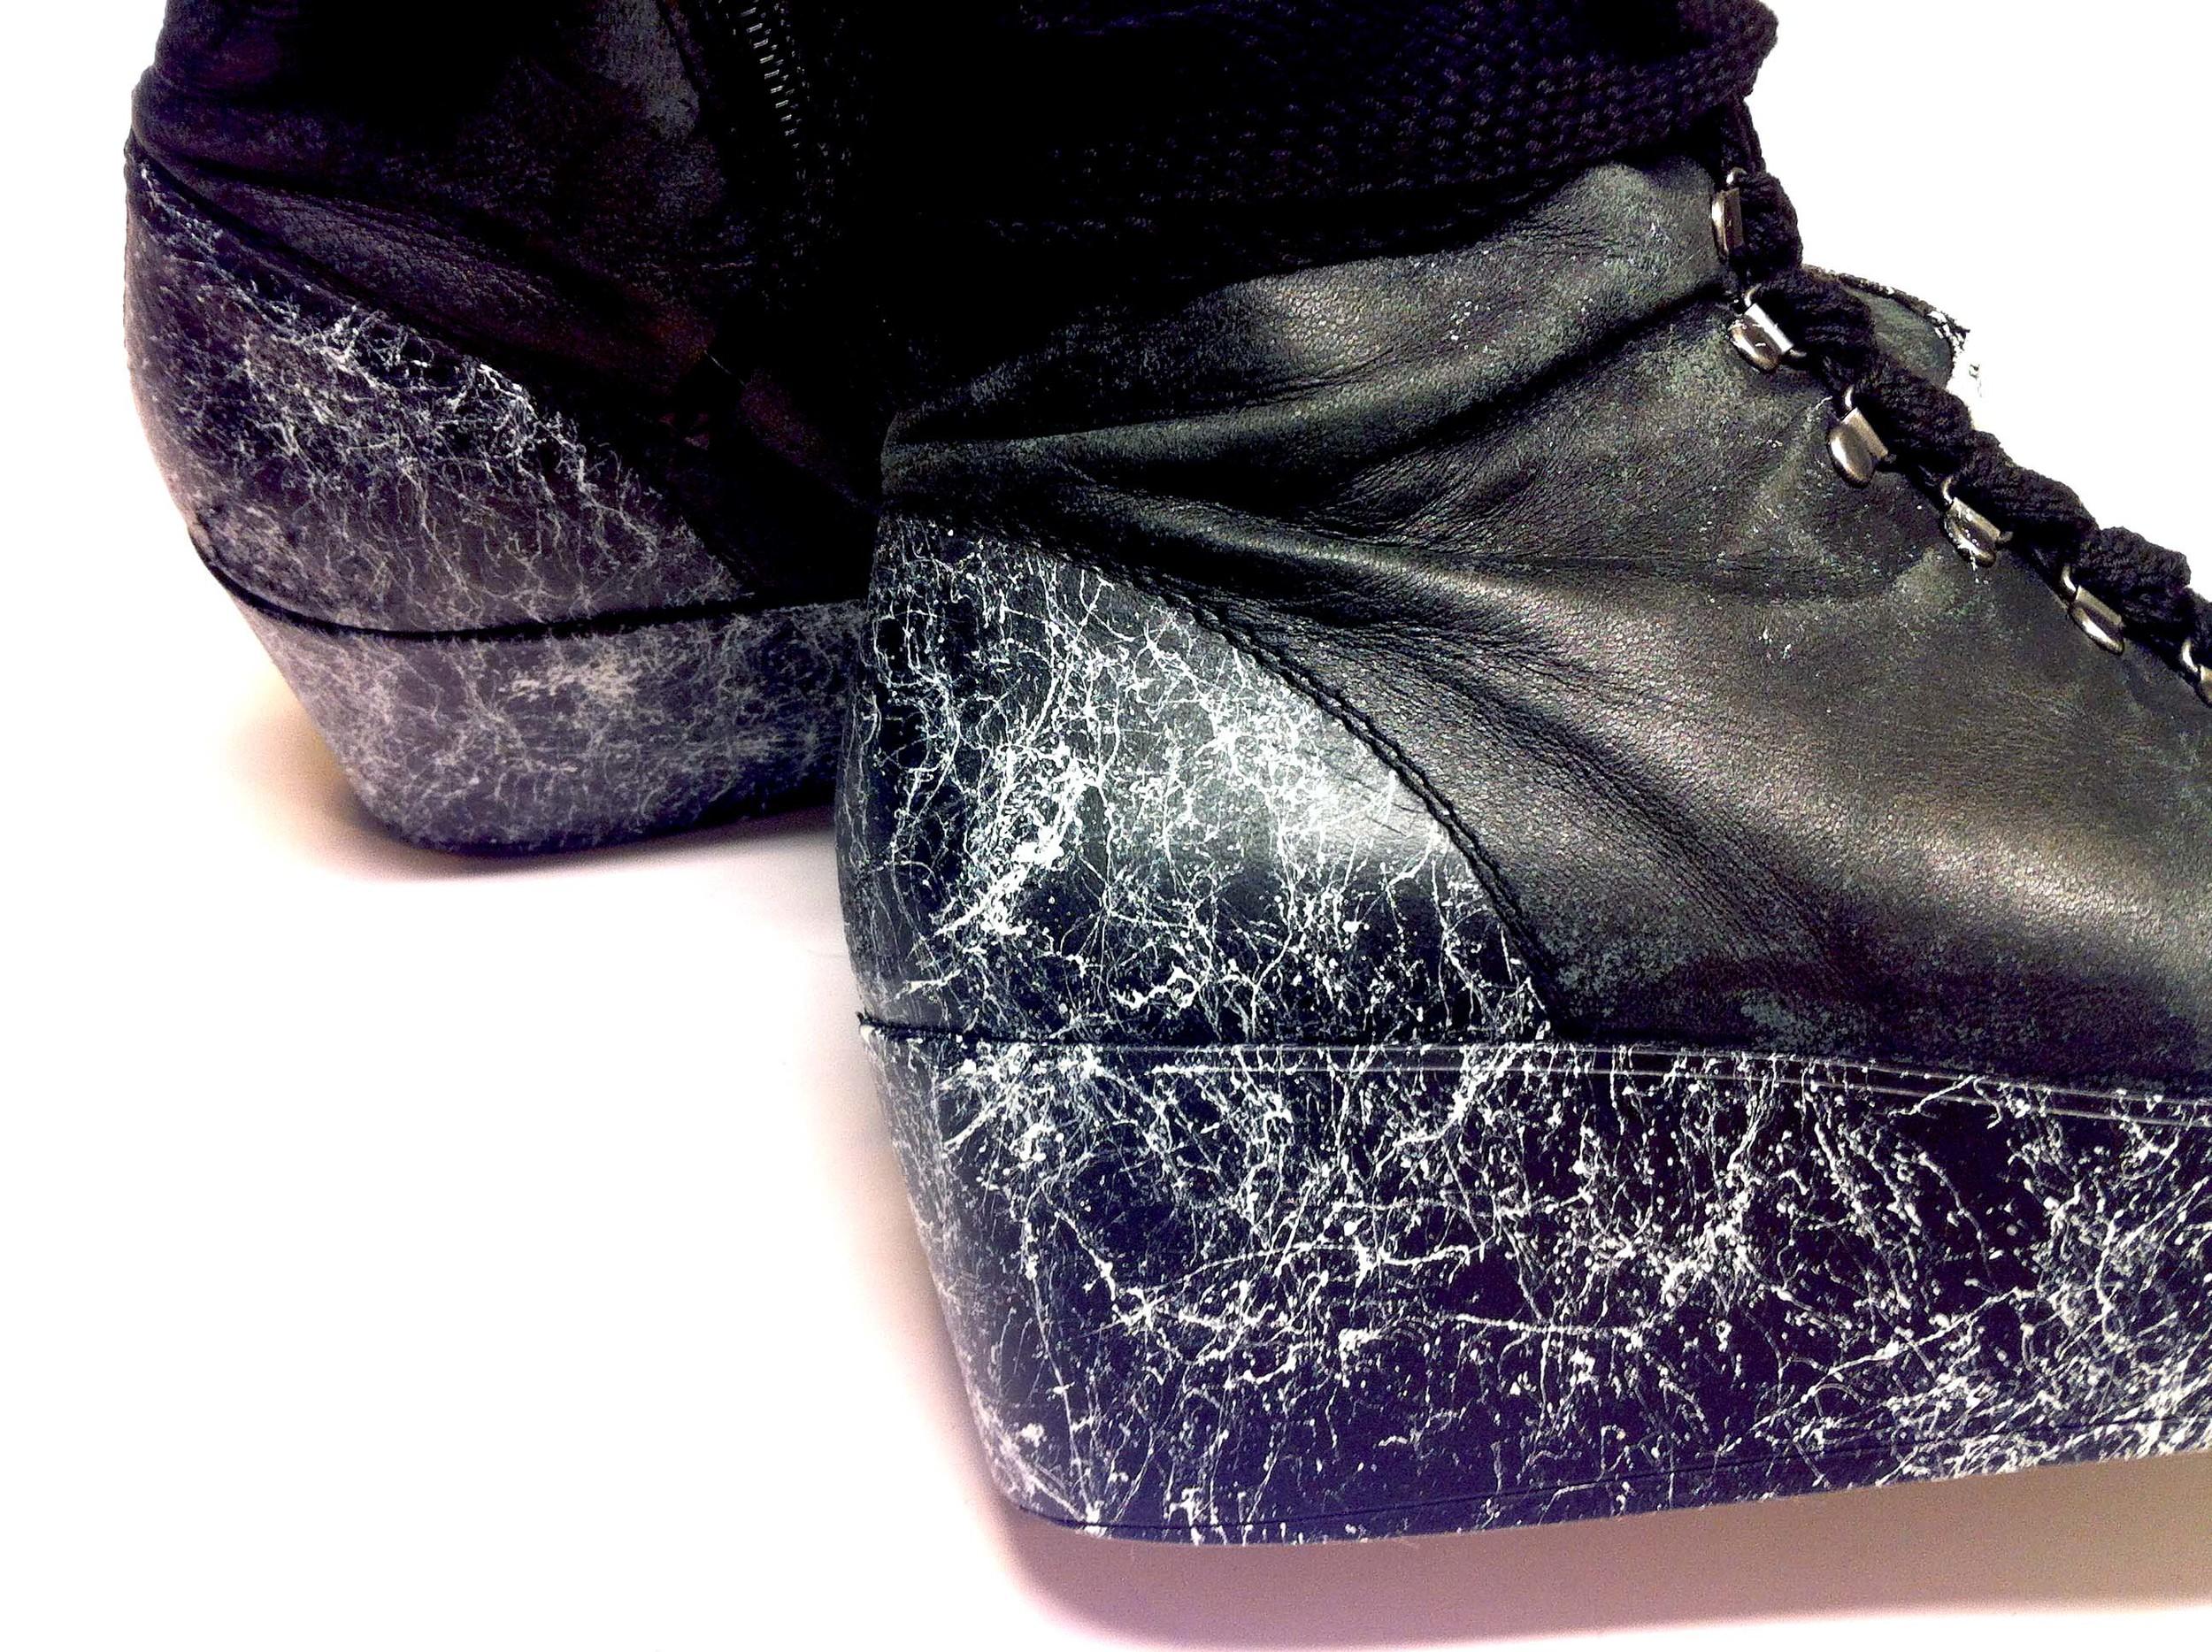 AnnaLidströmMarble Shoes6.JPG